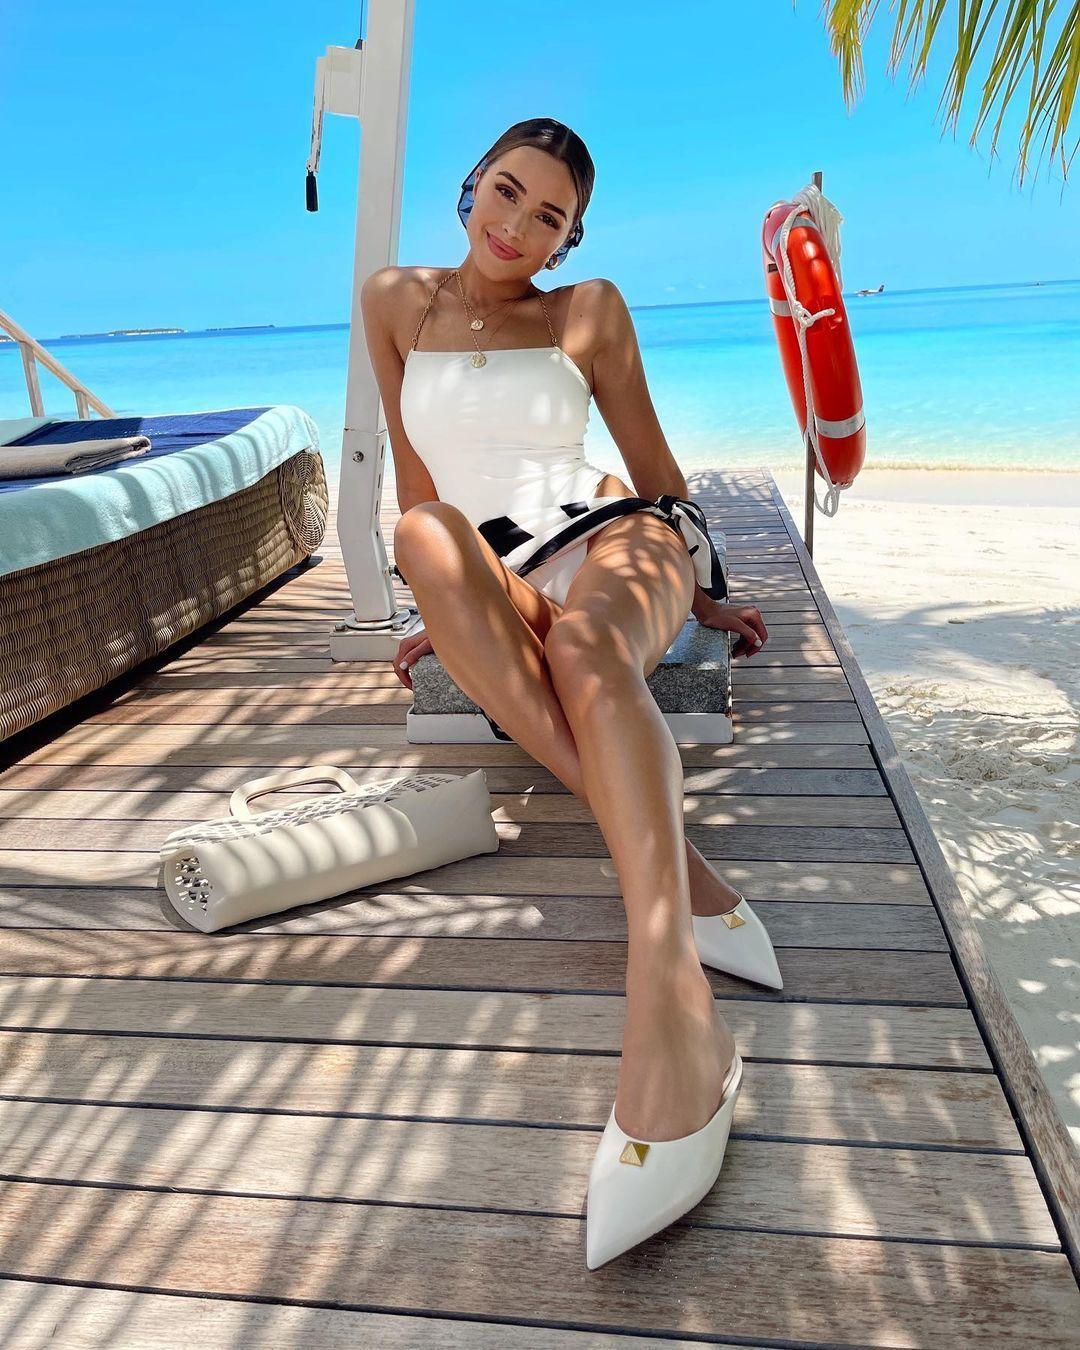 Vẻ nóng bỏng của Hoa hậu Hoàn vũ Olivia Culpo